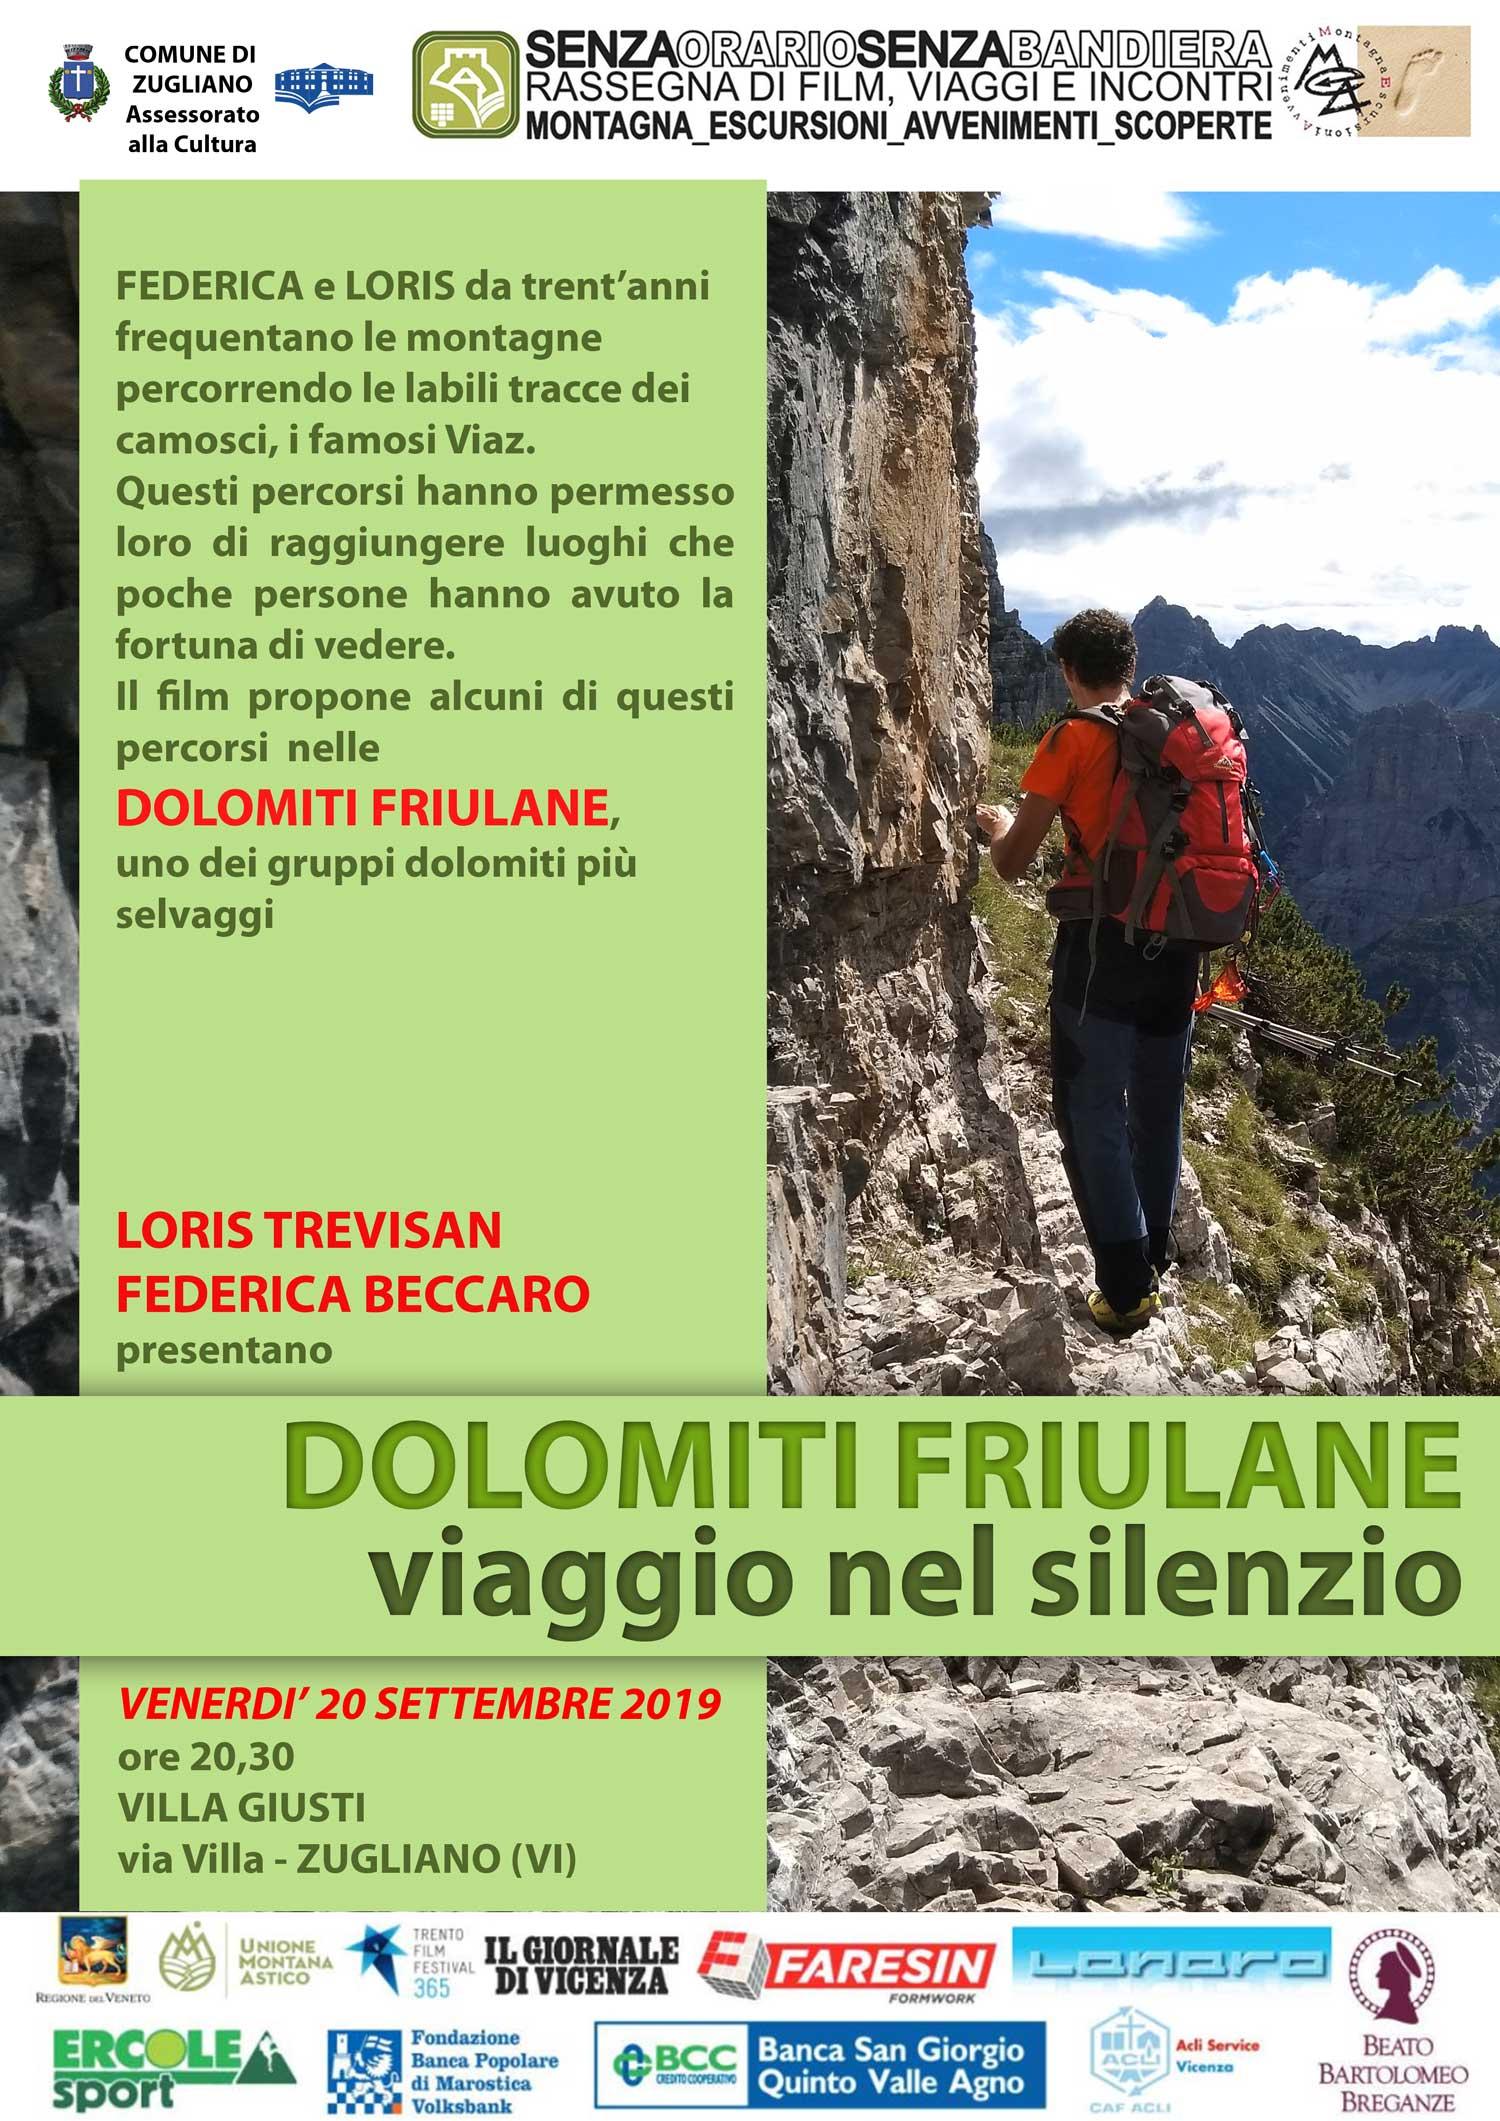 Dolomiti Friulane – Viaggio nel silenzio